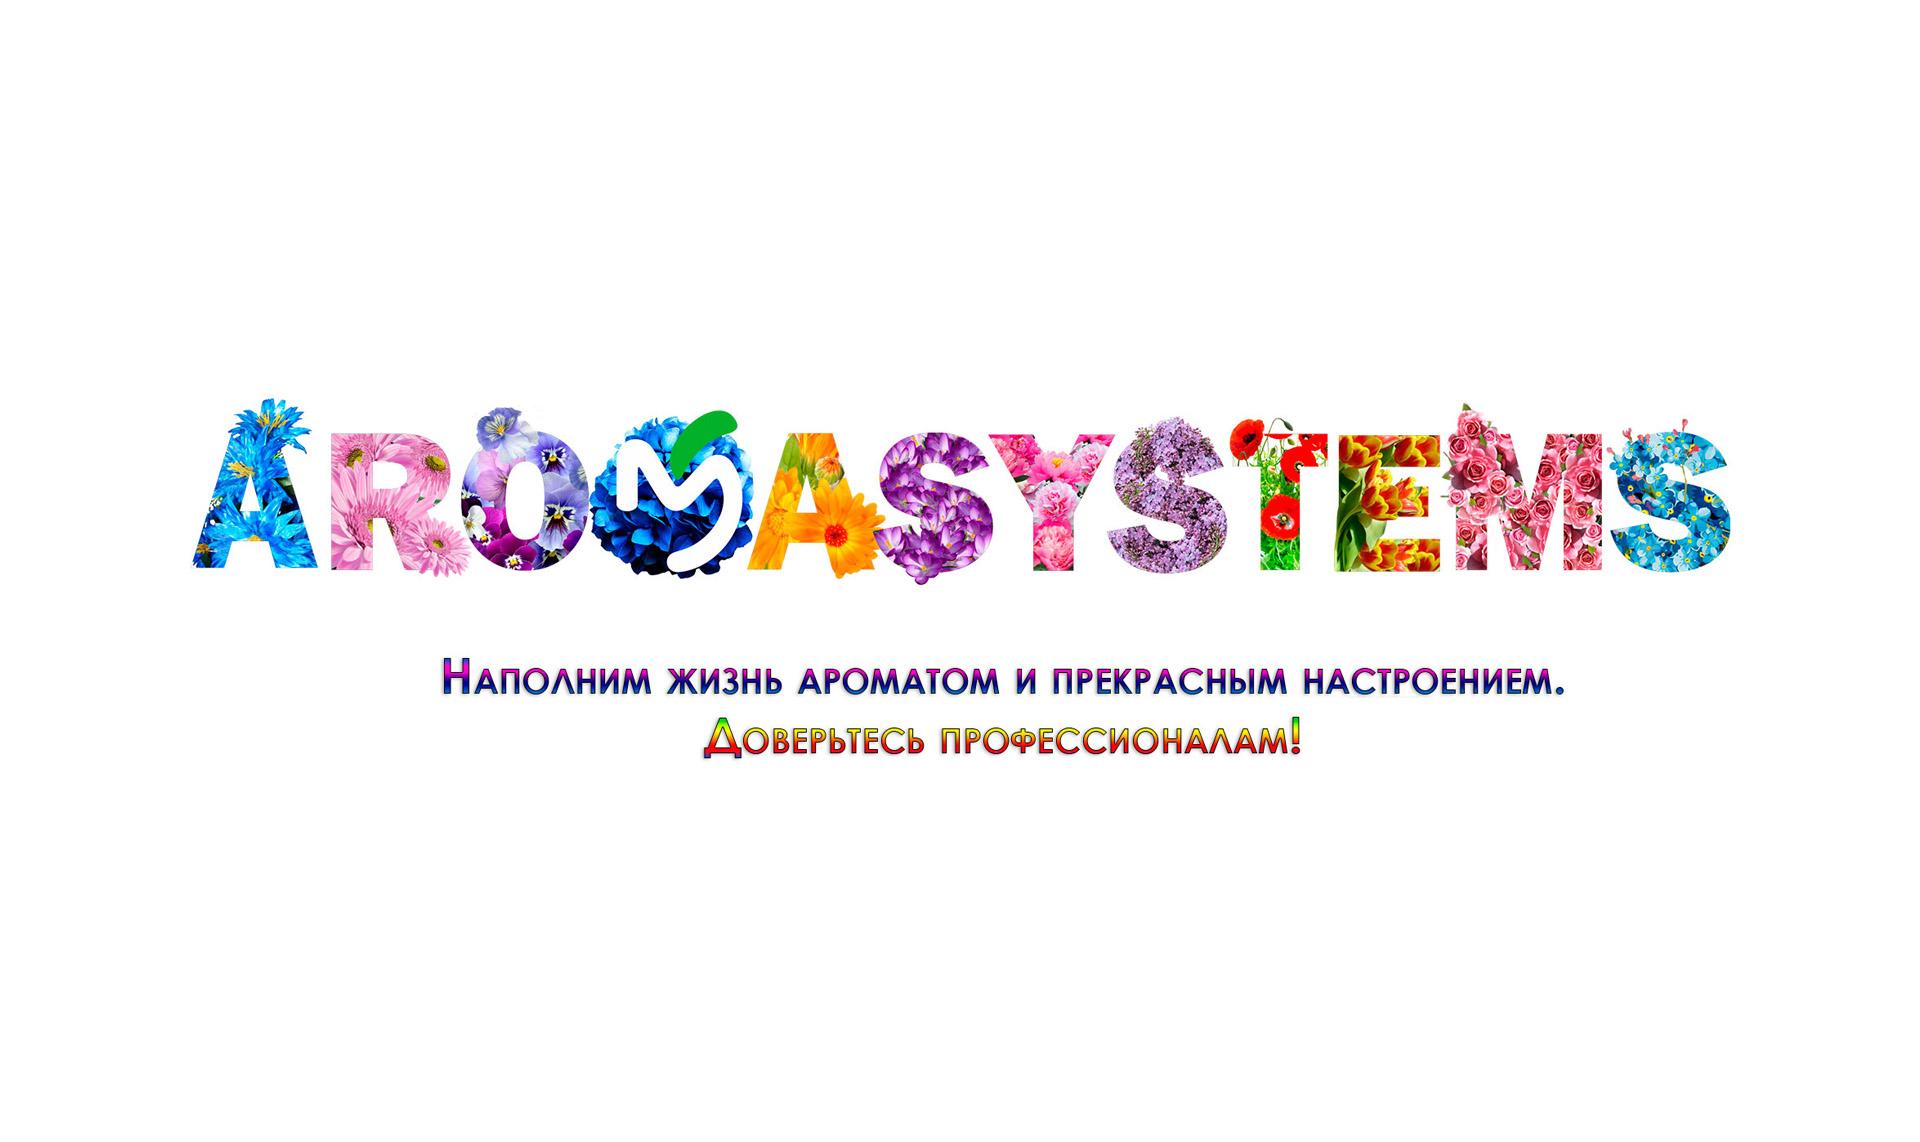 Территория выставки «Гостинично-Ресторанный бизнес – Территория БЕЗОПАСНОСТИ!